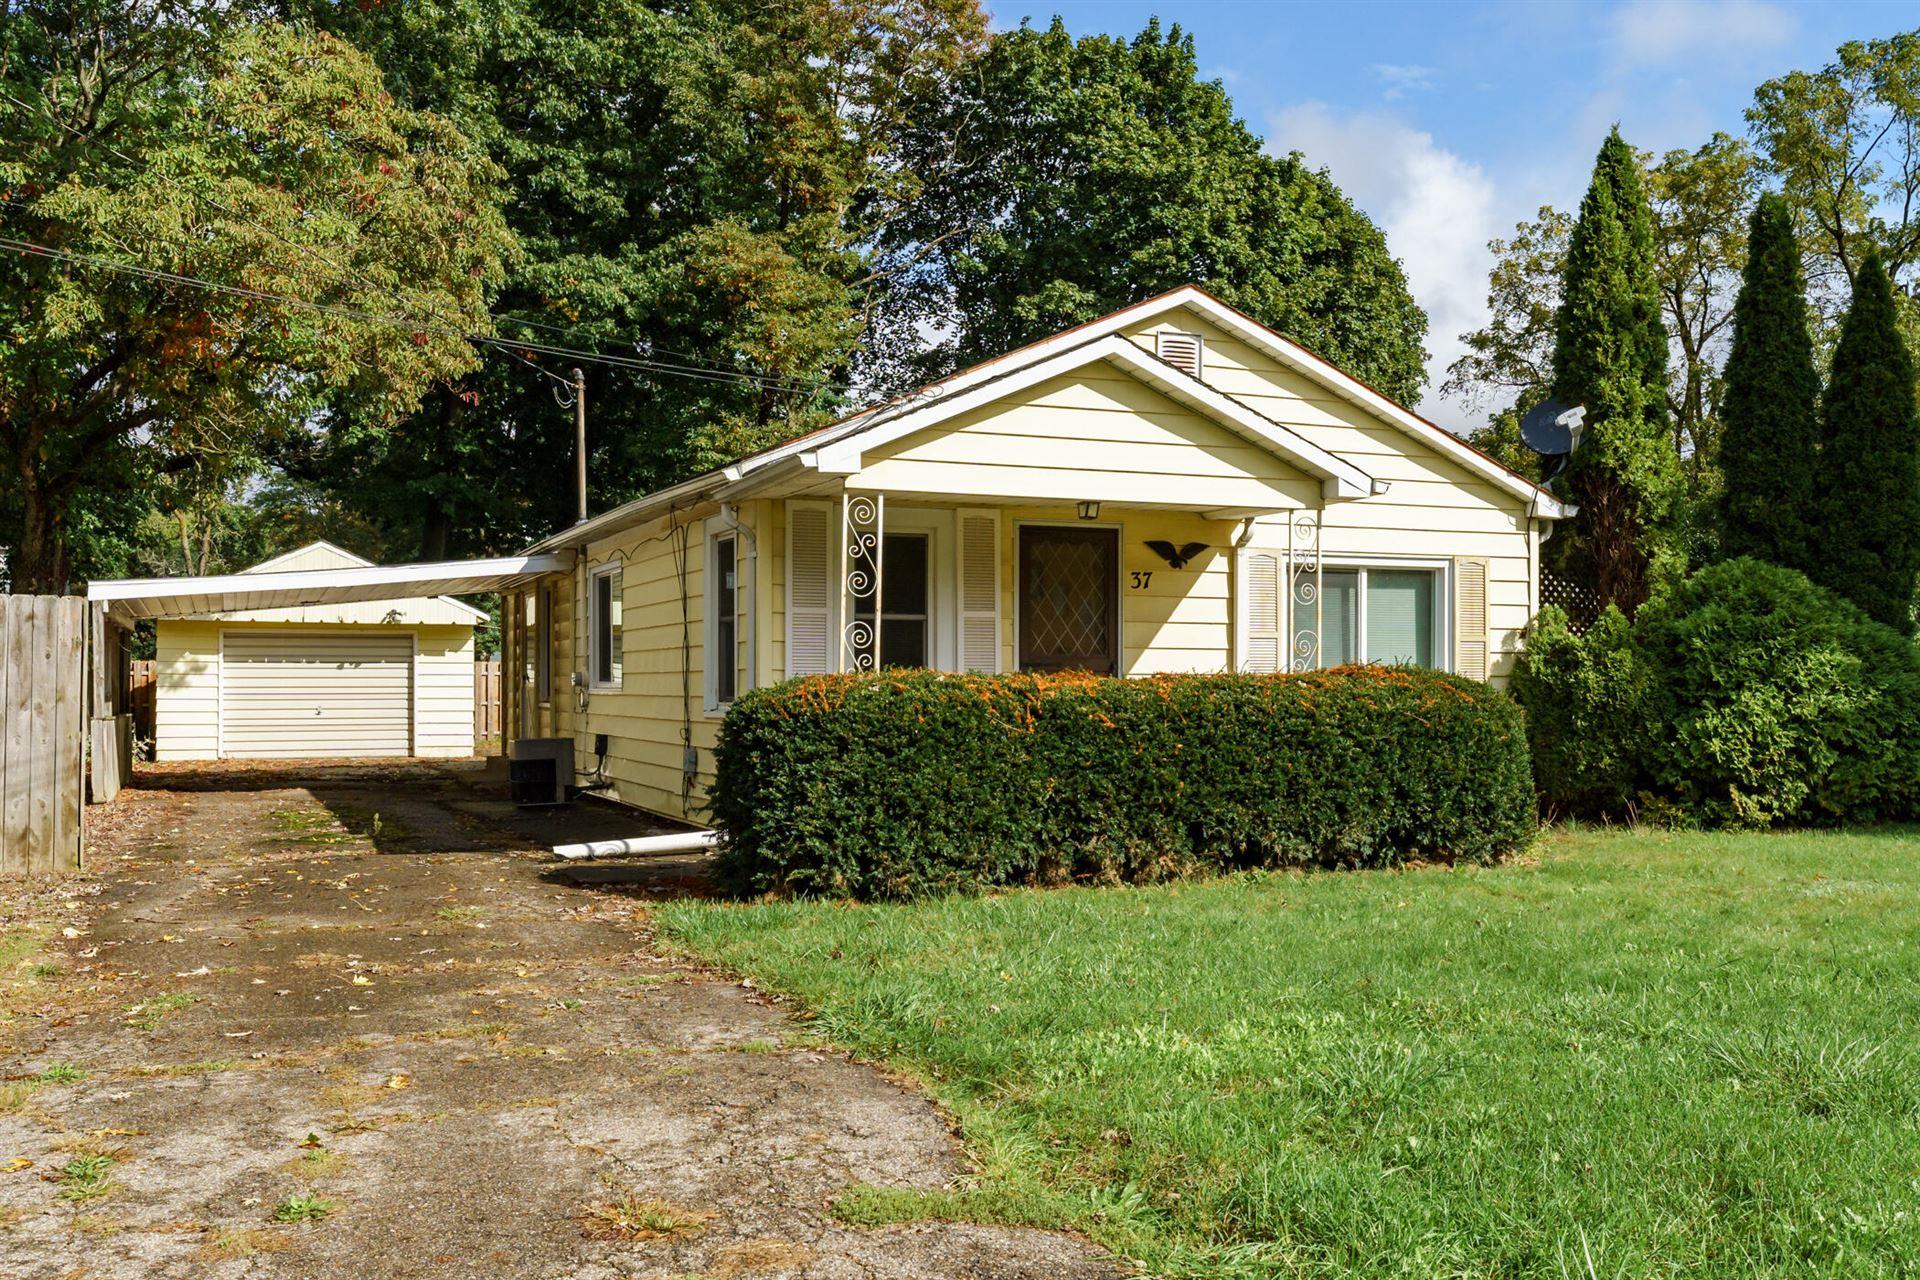 37 E Hazelwood Court, Battle Creek, MI 49015 - MLS#: 21110250